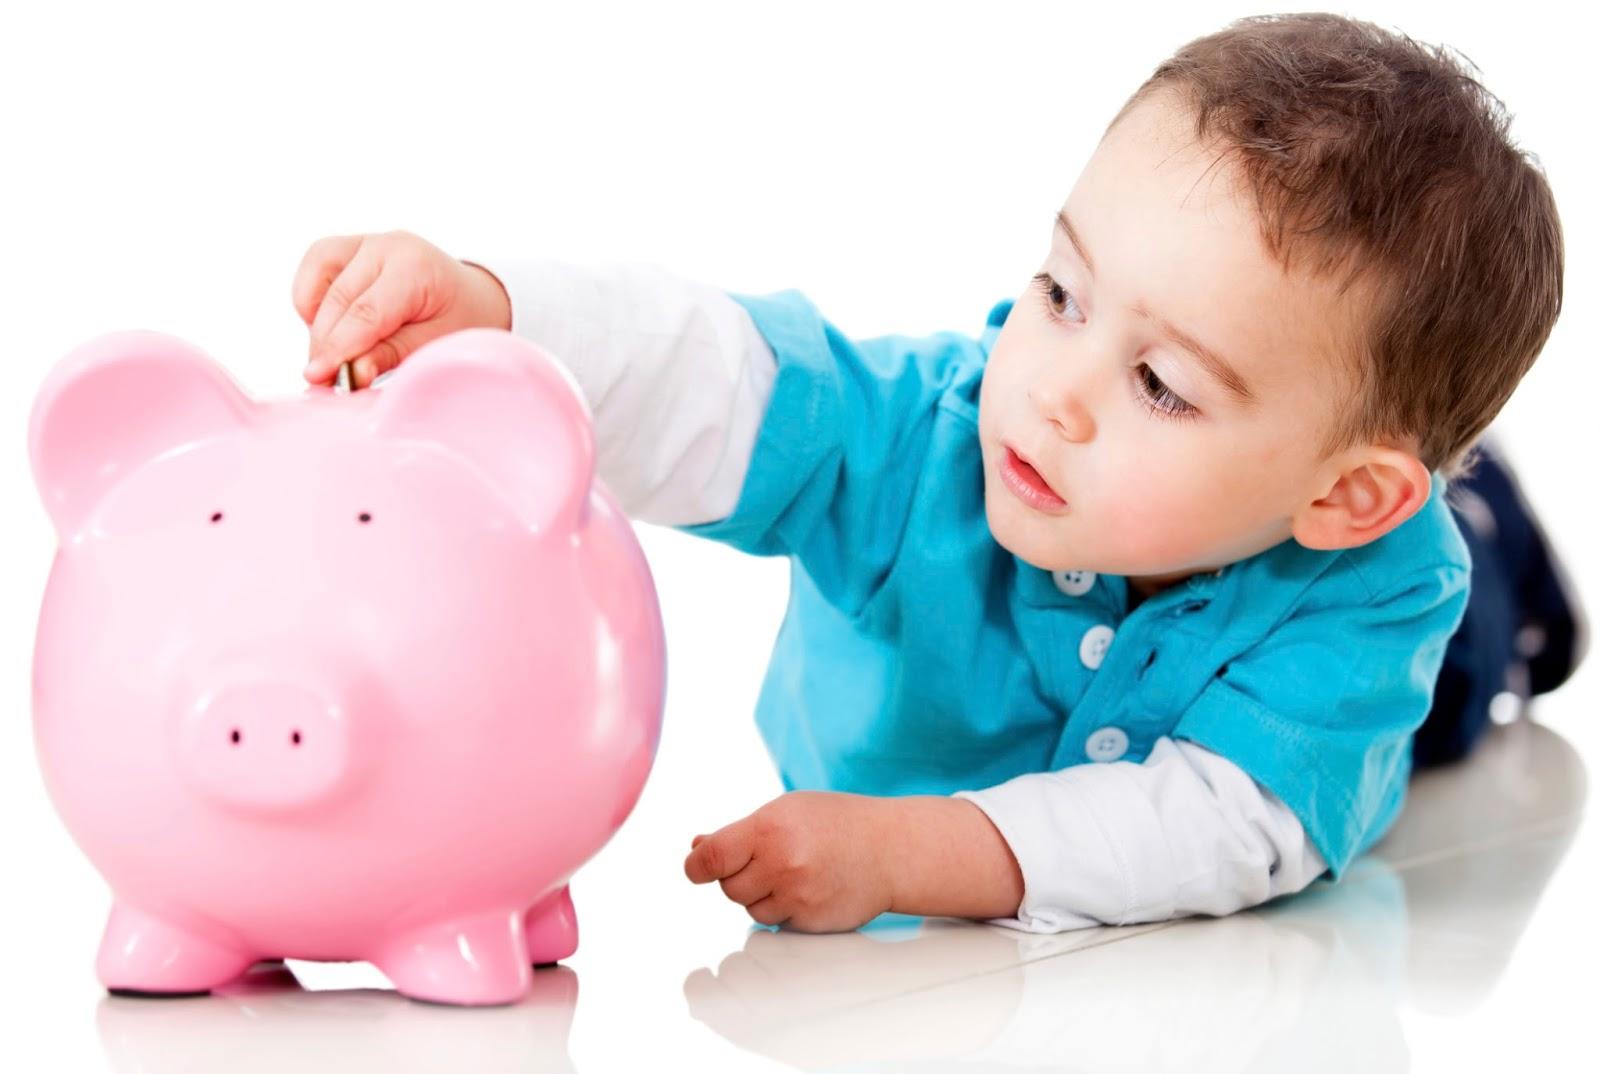 ДЕТСКИЙ ВЫЧЕТ. Как вернуть излишне уплаченный налог